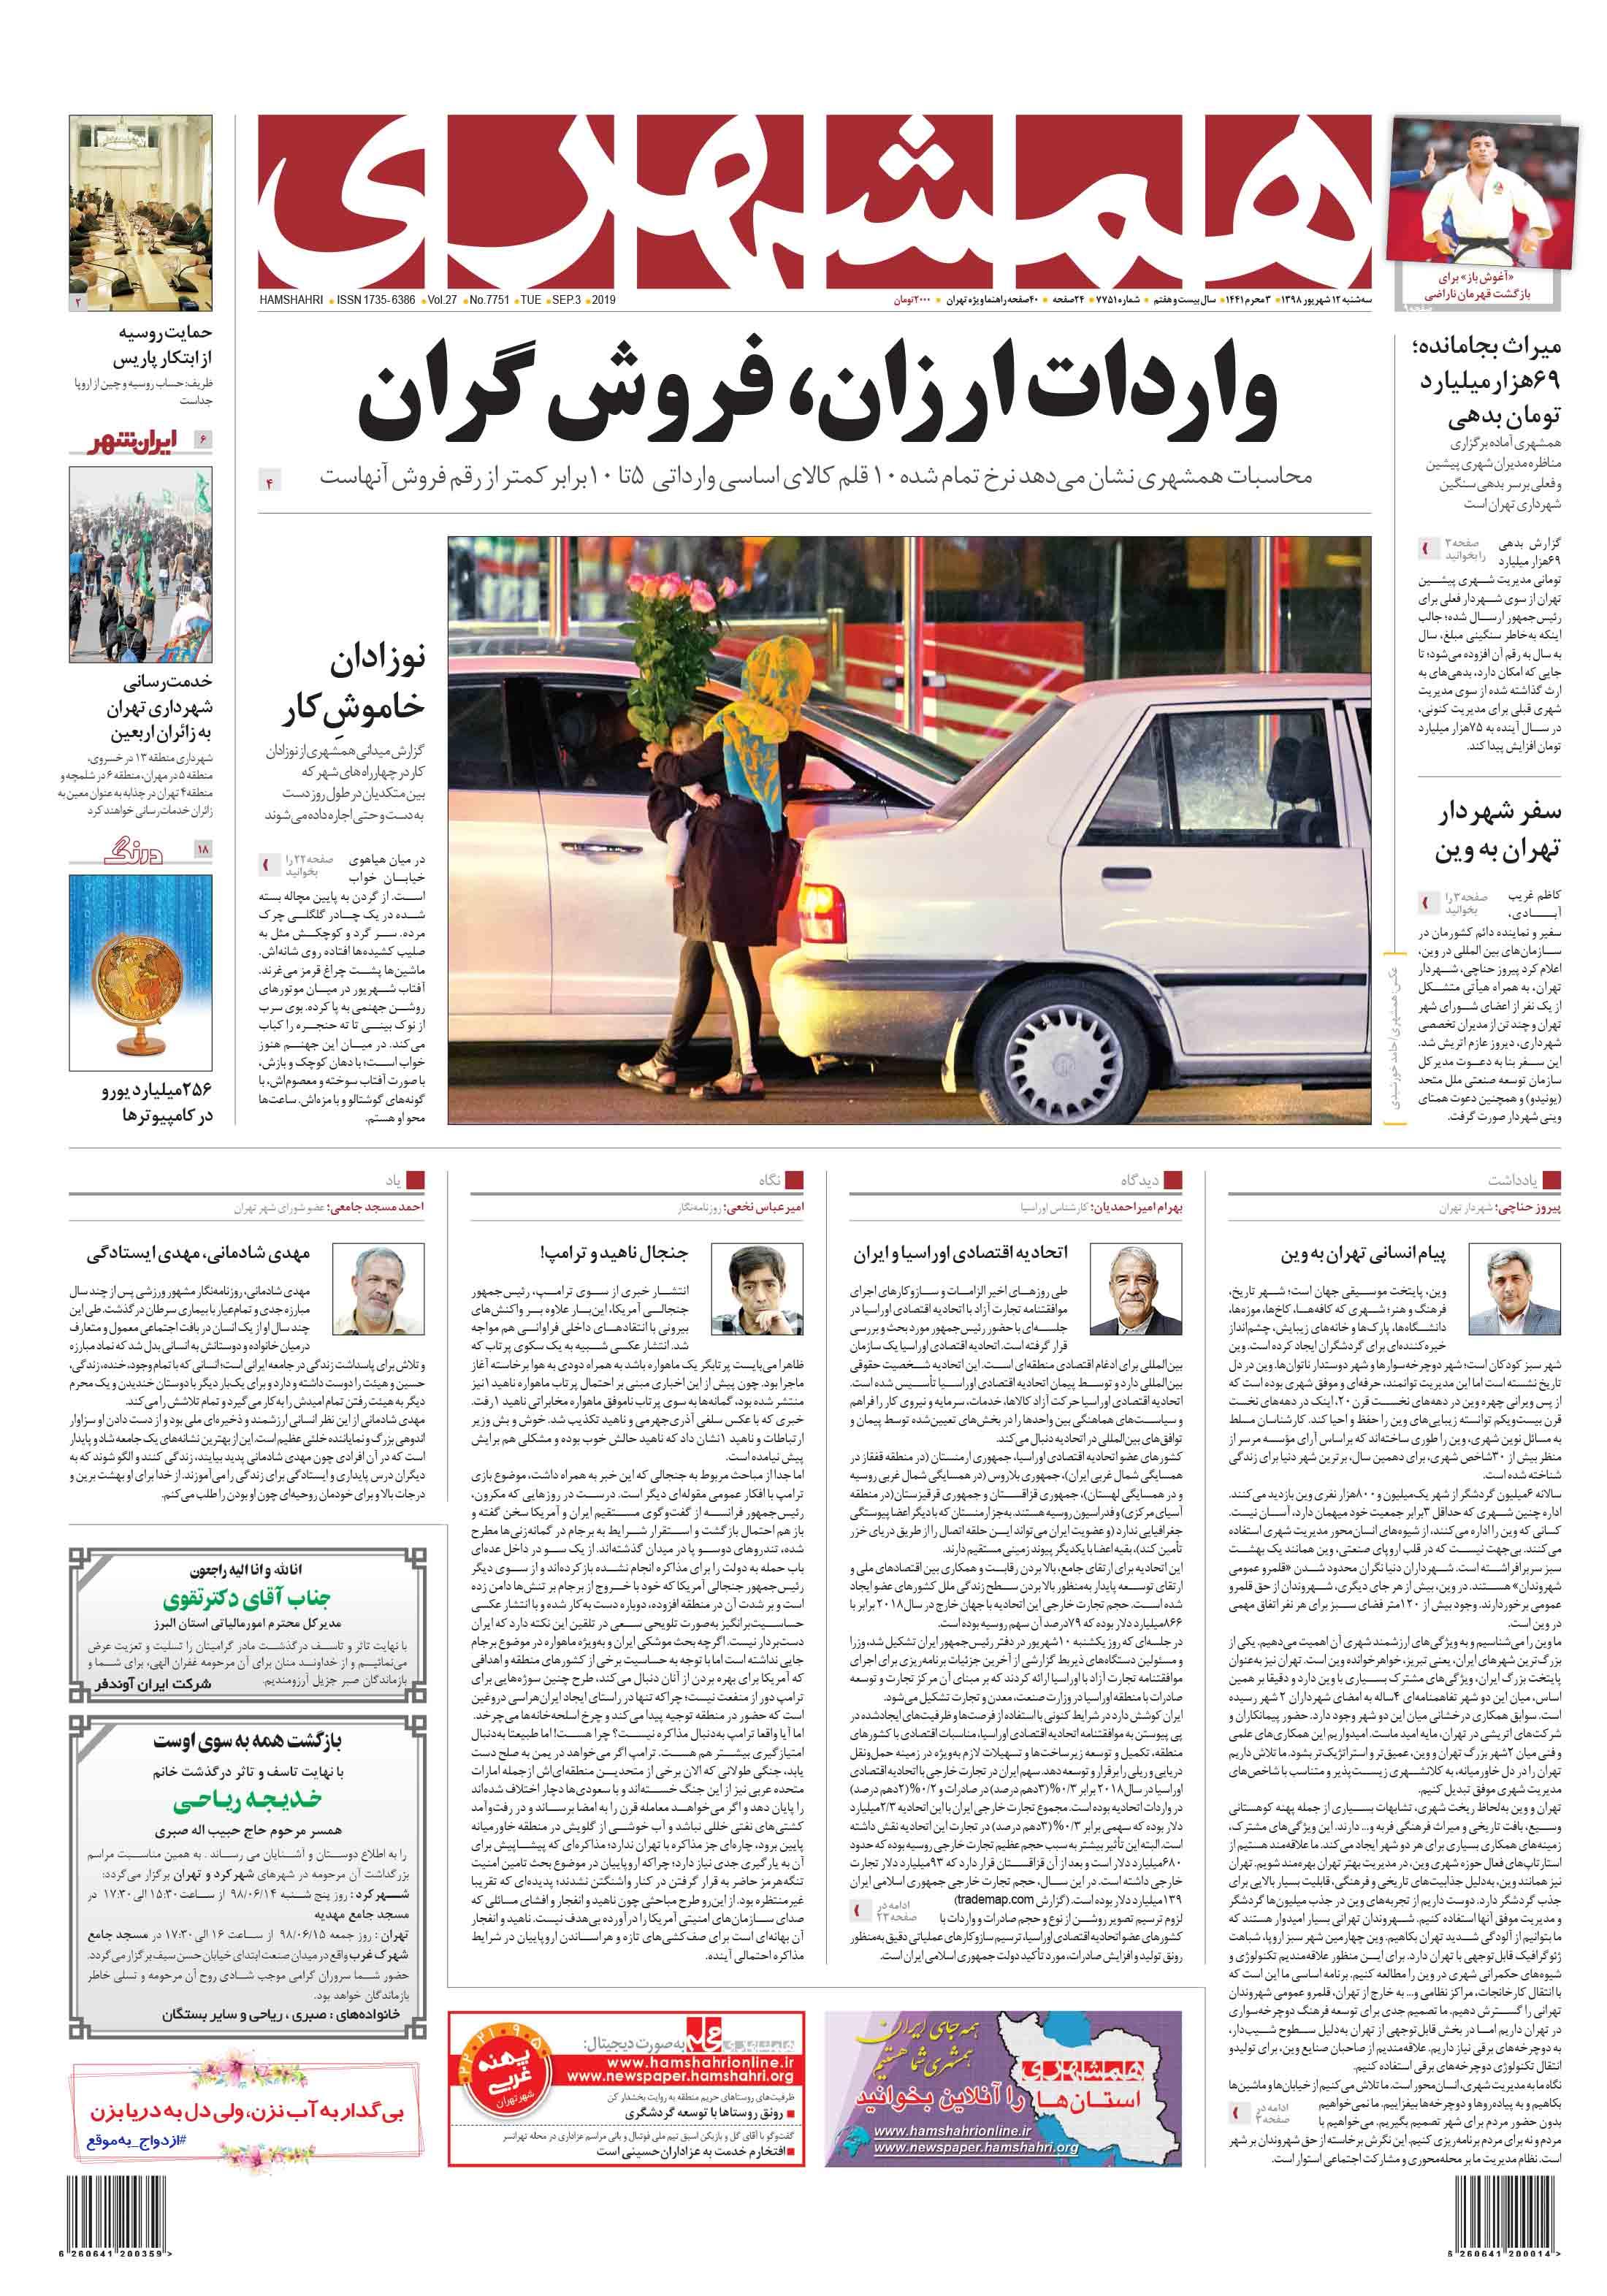 صفحه اول سهشنبه 12 شهریور 1398